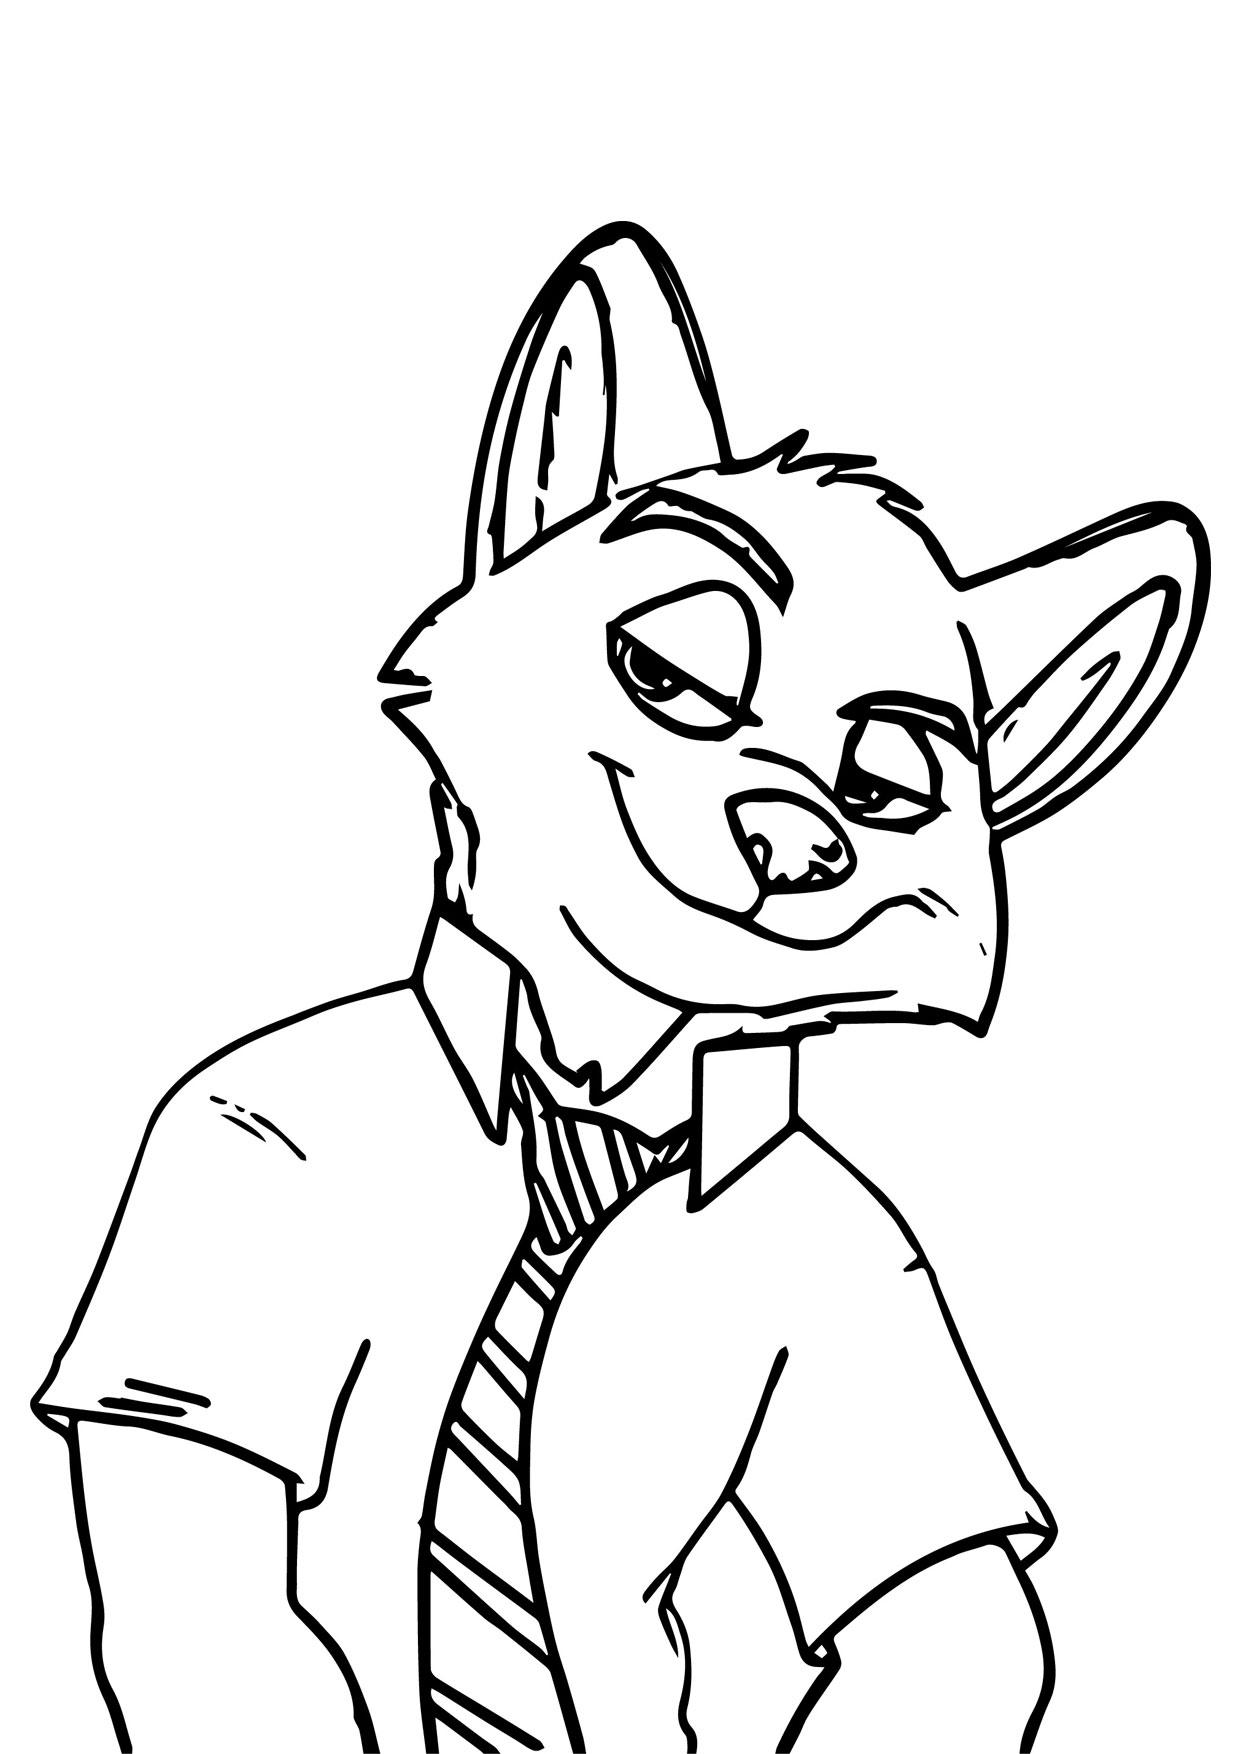 Disegno di volpe cartoon da colorare 19